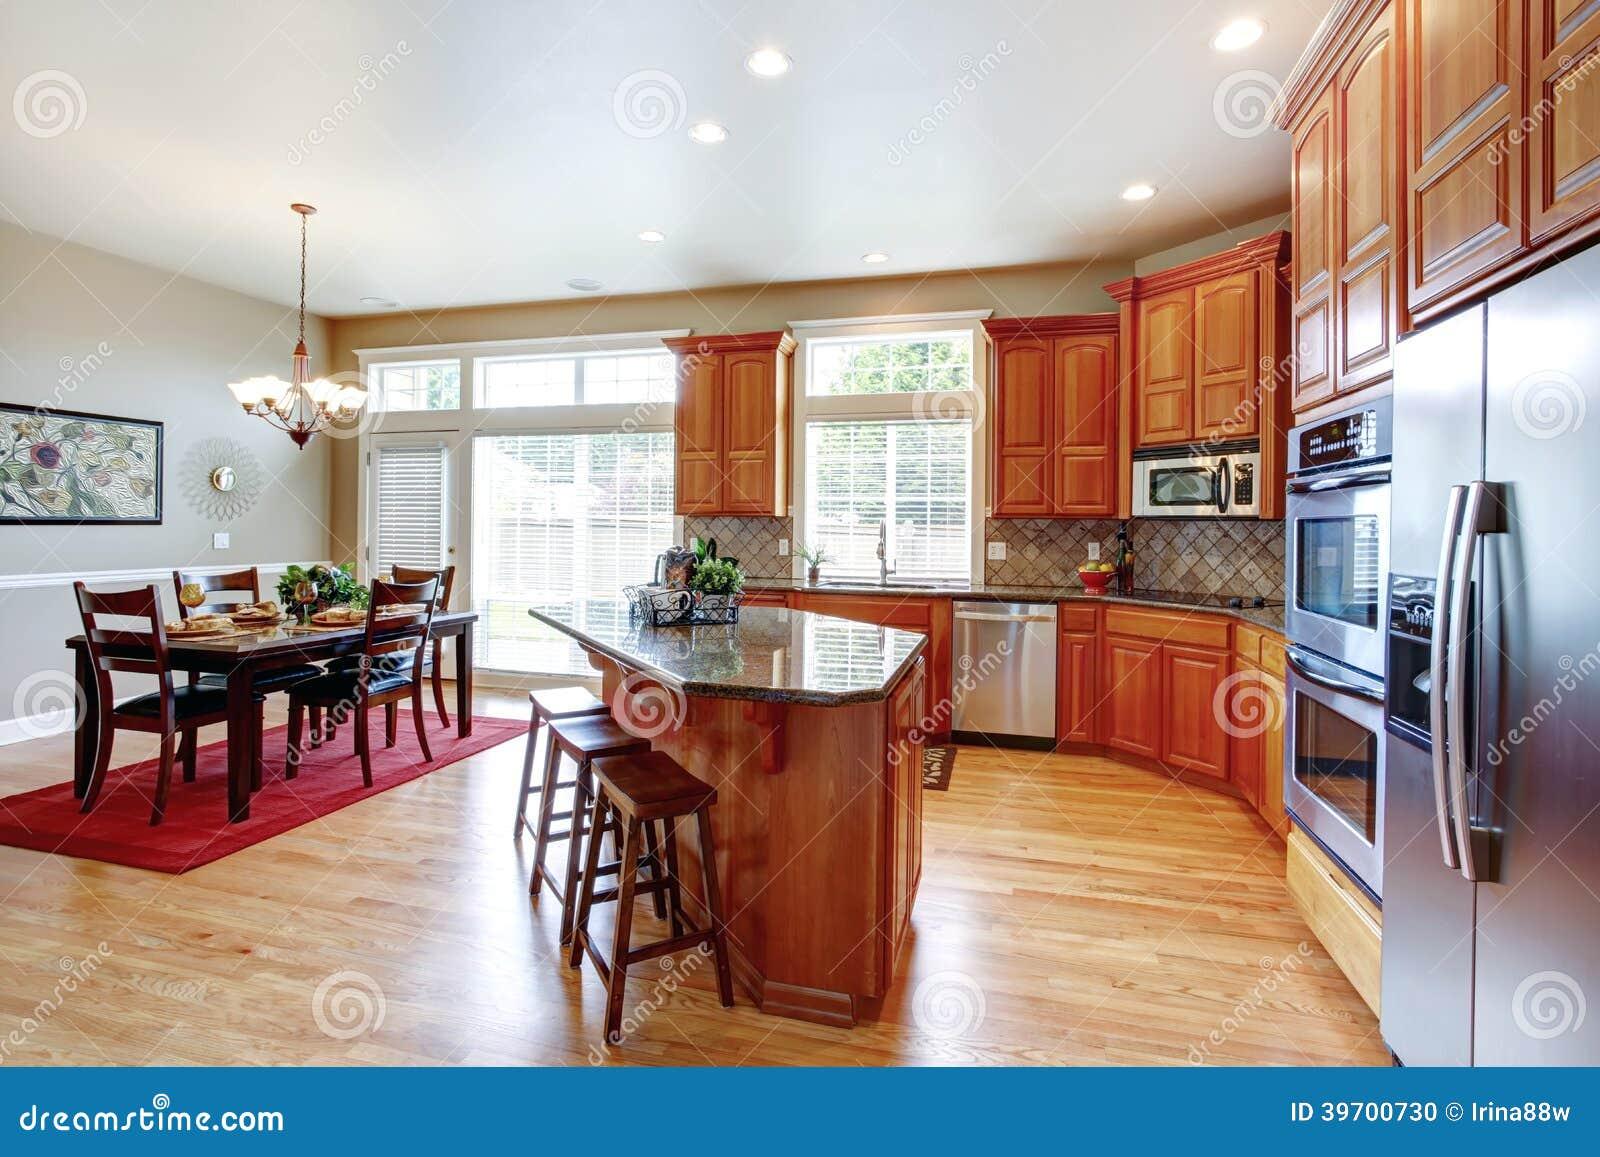 Sitio moderno de la cocina con la isla y el comedor foto for Isla cocina comedor